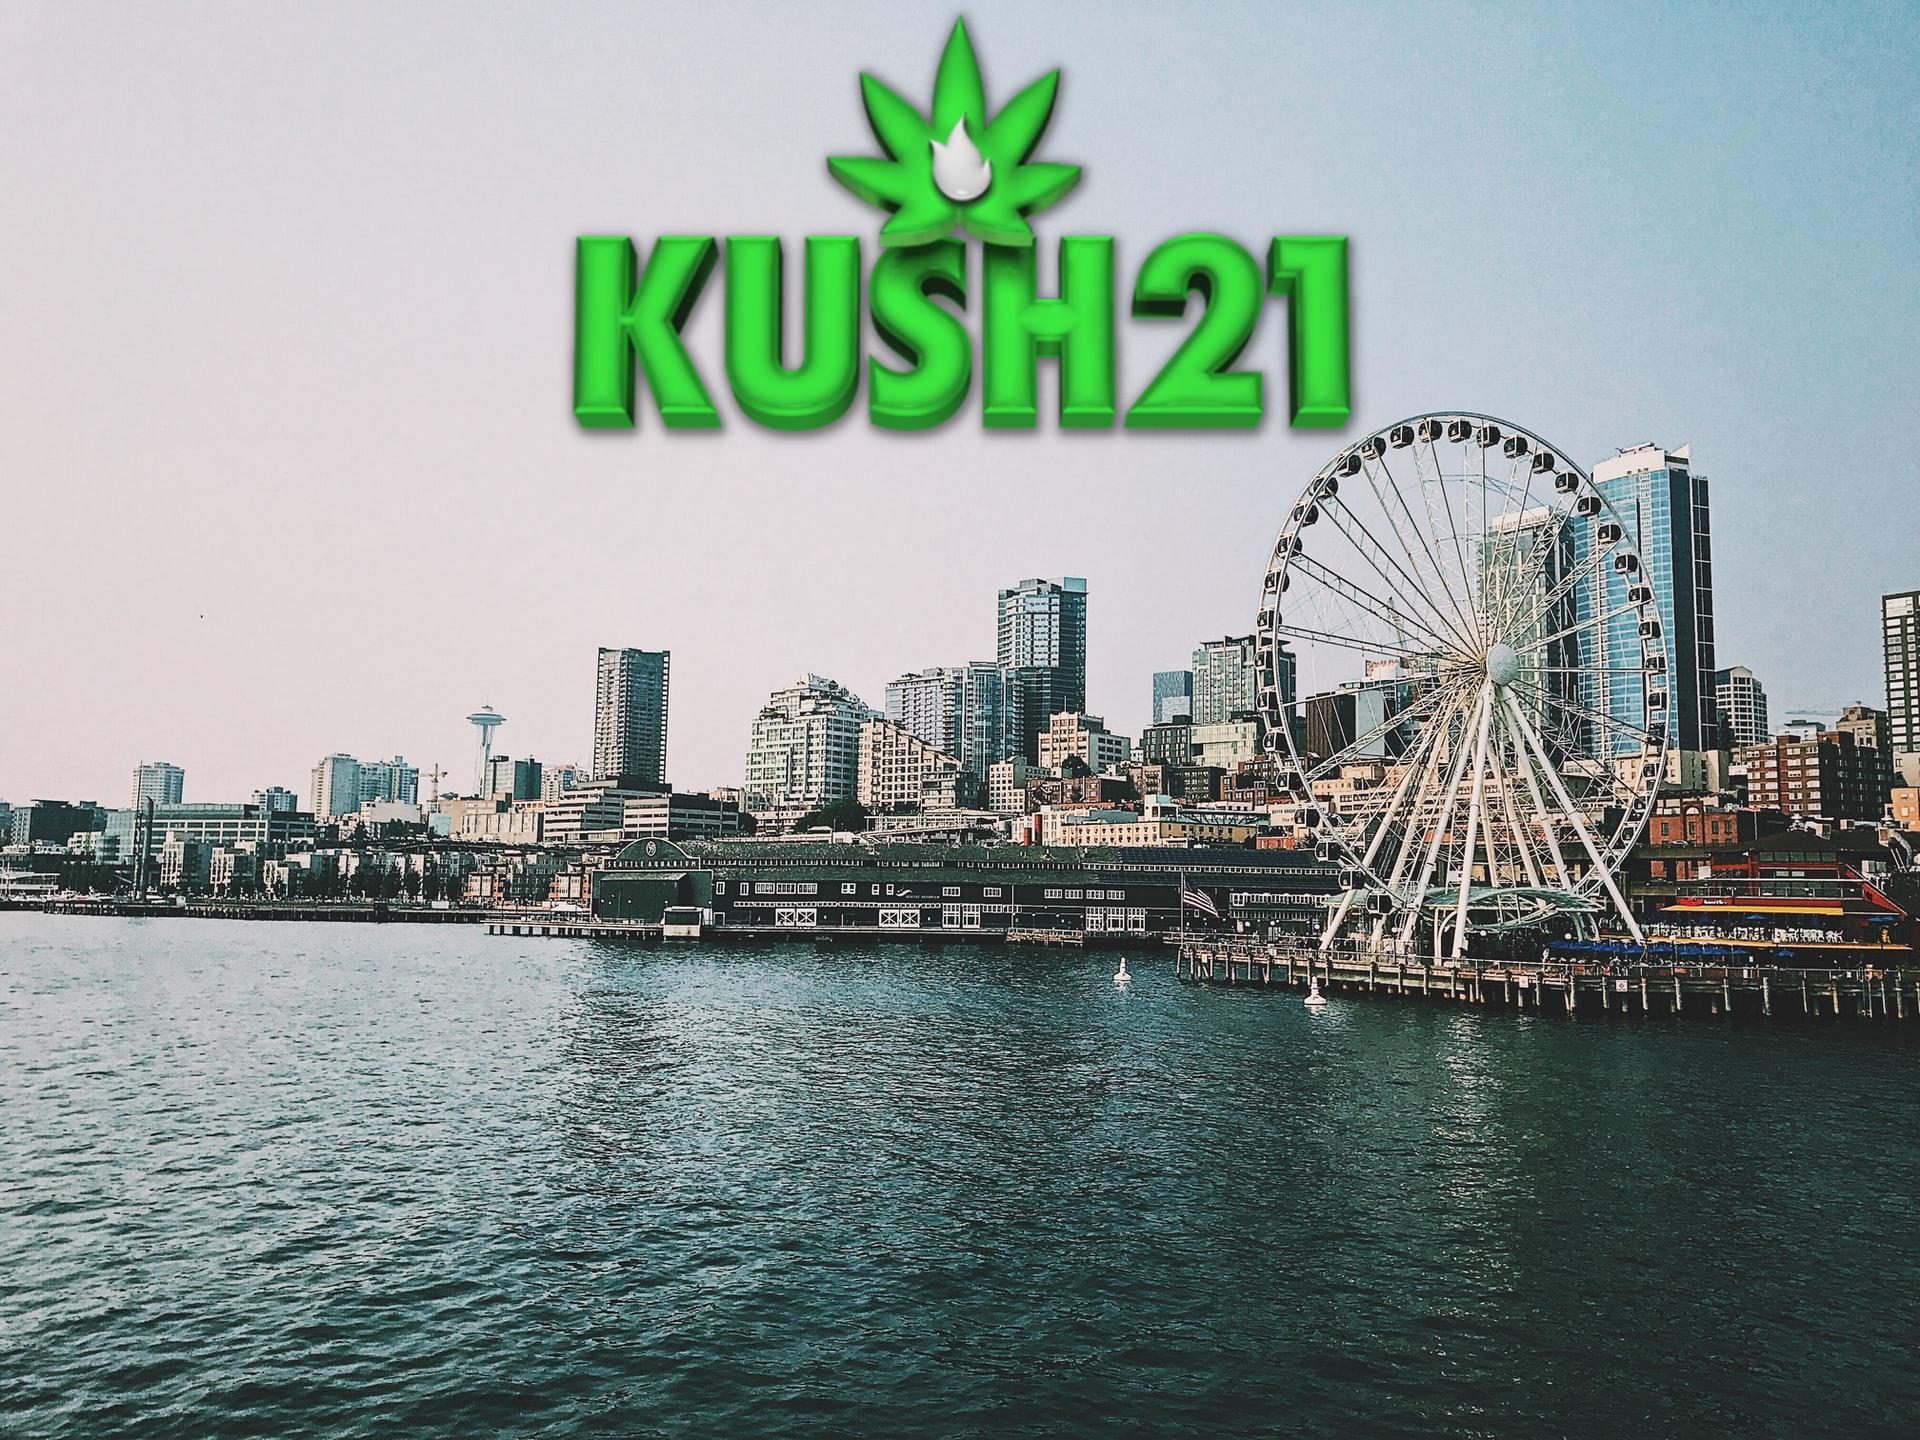 KUSH 21 HAS SEATTLE'S BEST CANNABIS DEALS YEAR-ROUND